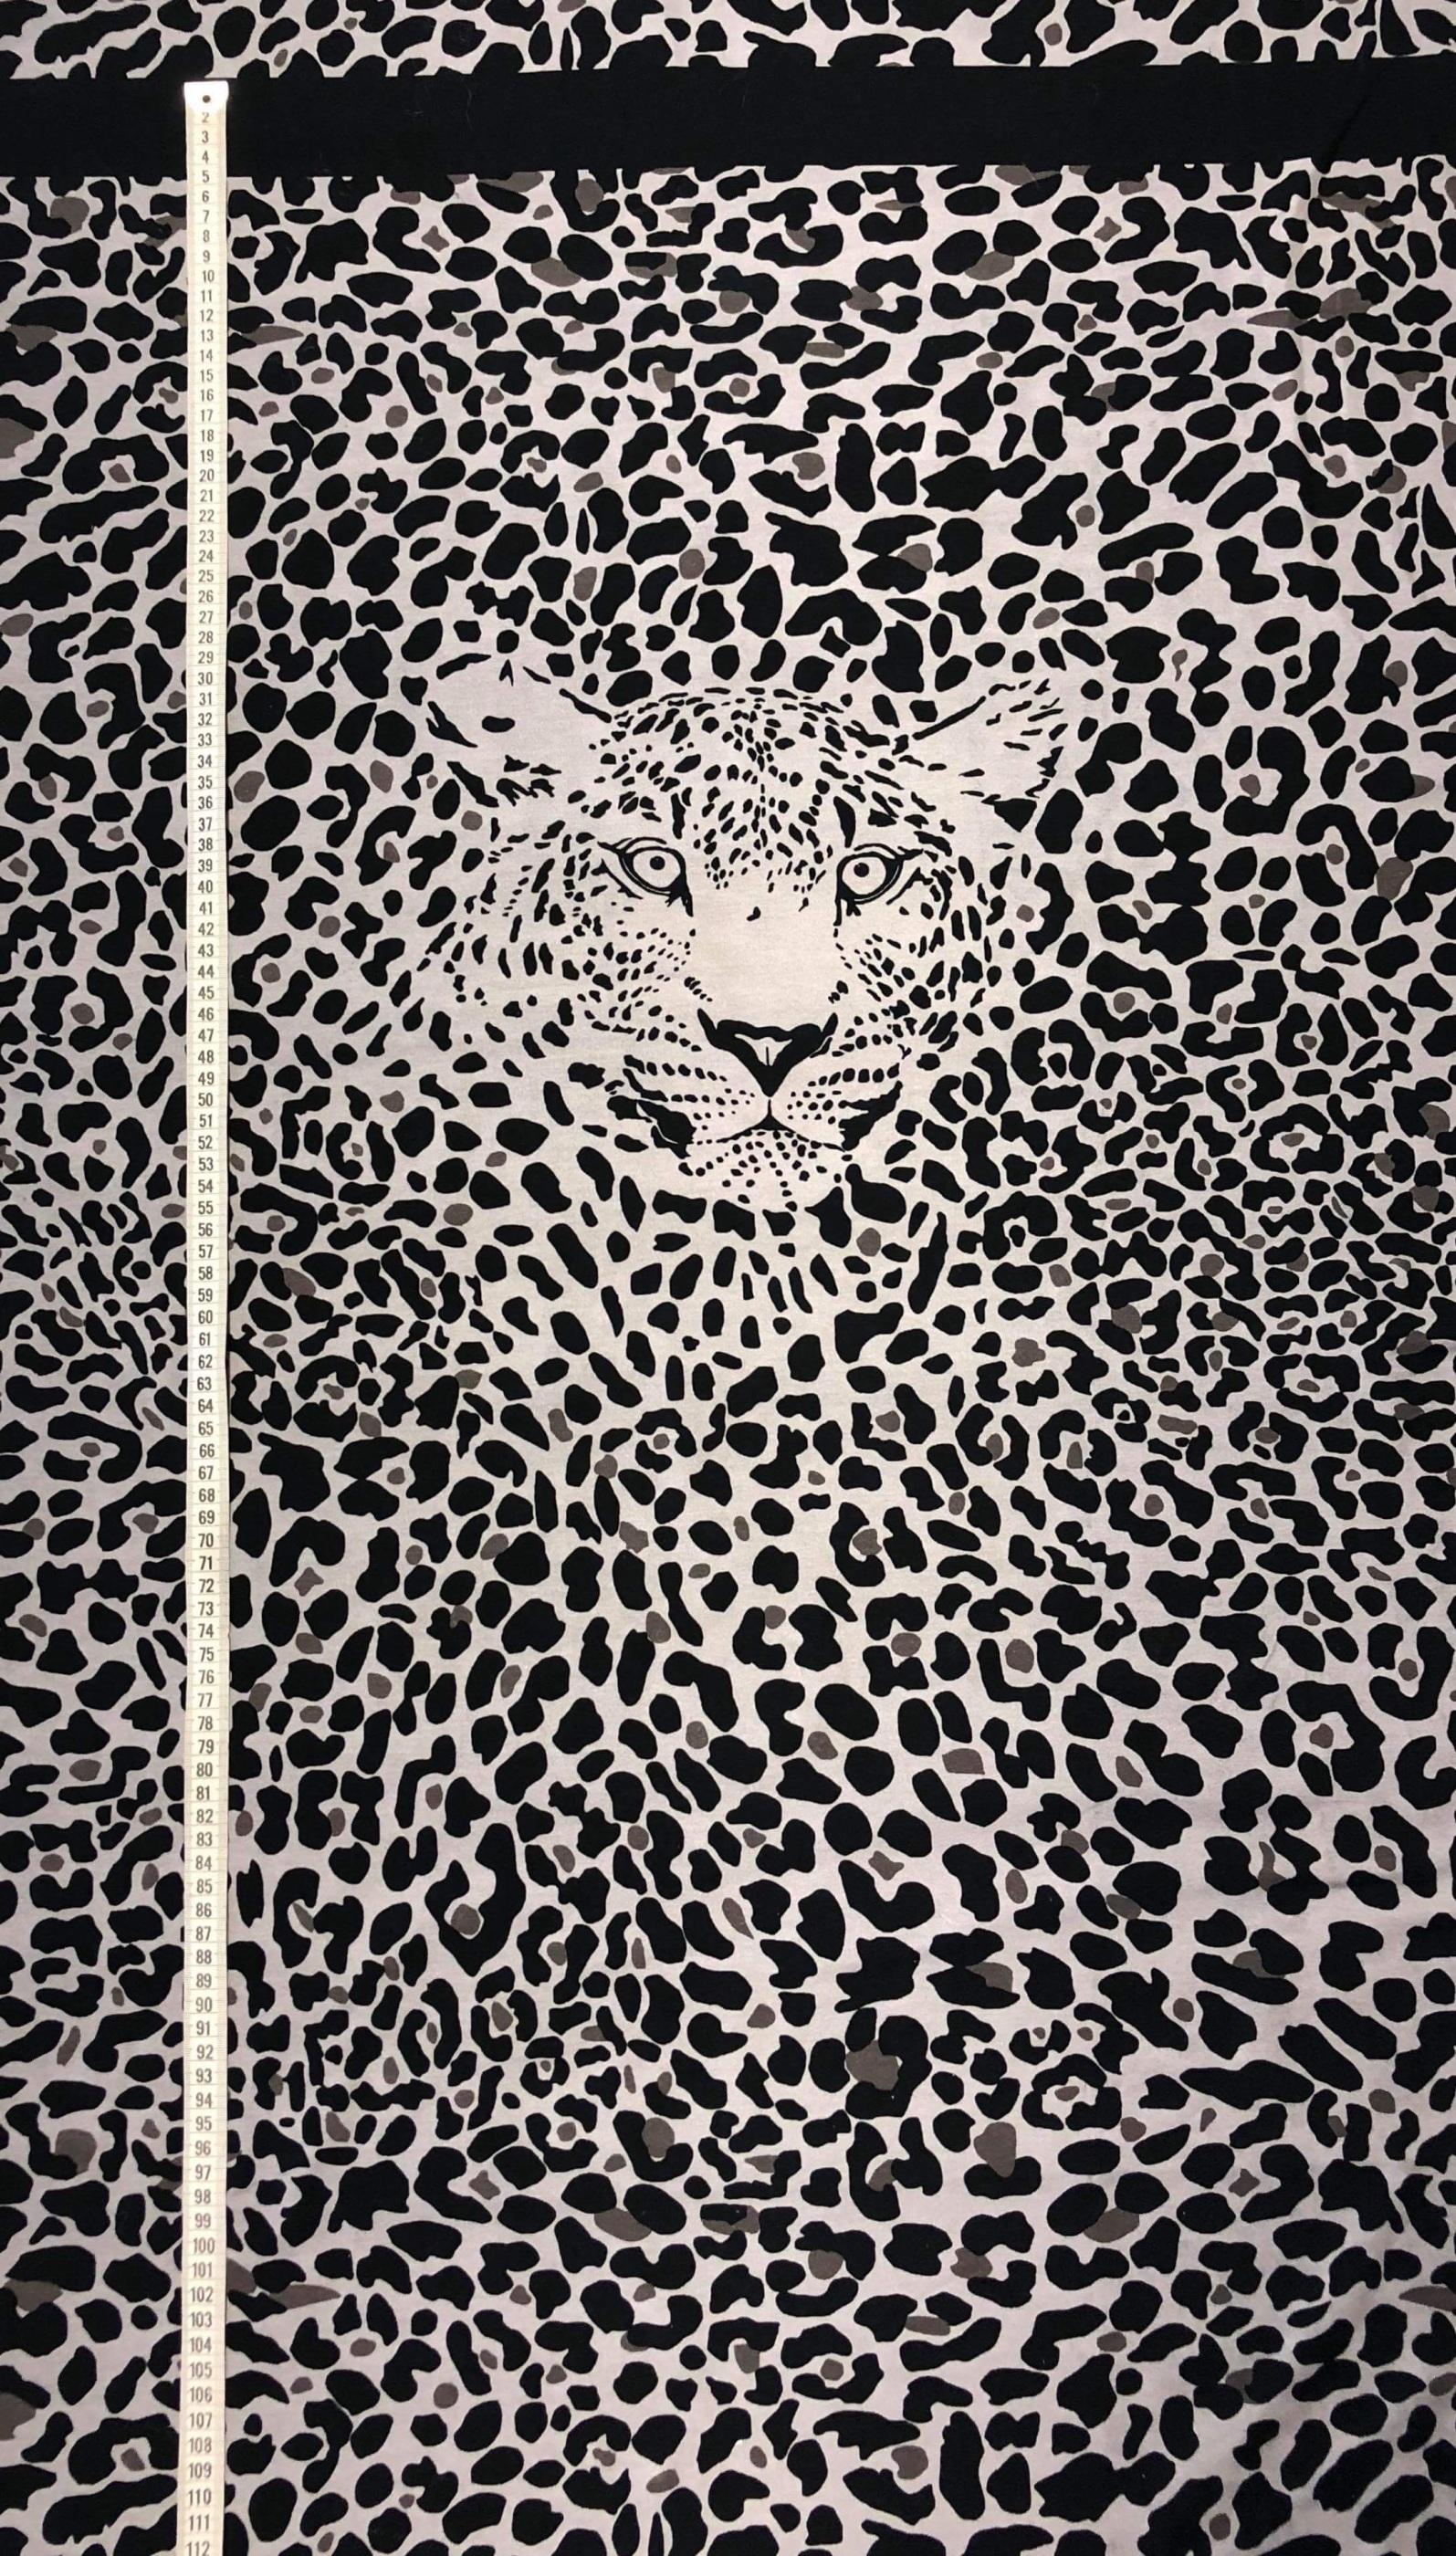 Leo rapport leopard bomull bomullstrikå metervara Tyglust Laholm